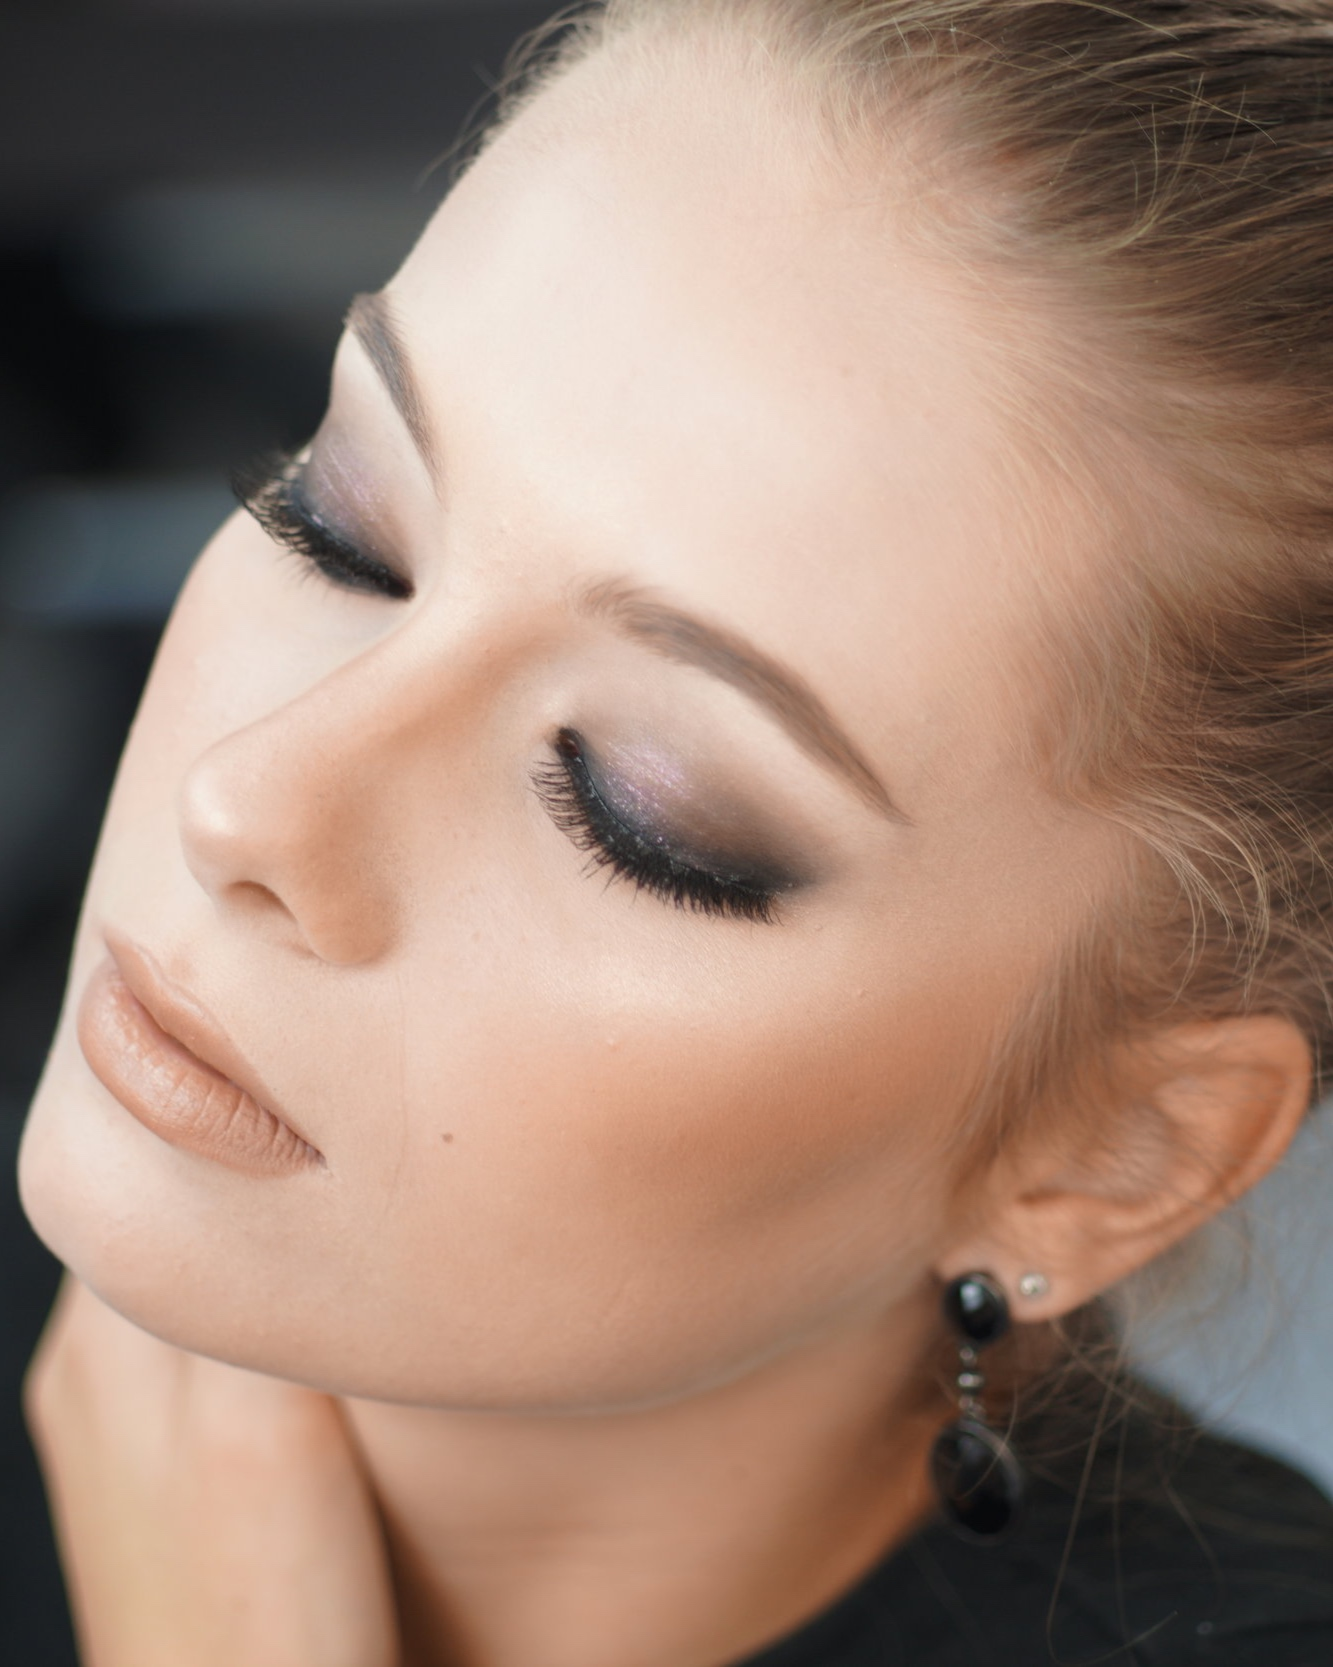 """SMOKEY EYES - Vous vous êtes déjà aventurée dans l'aventure et le résultat était un oeil """"panda"""" 🙂Lancez-vous !Apprenez la technique pour réaliser facilement un smokey eyes chez vous .Adoptez la tendance maquillage indémodable, de manière rapide et facile !Il s'agit d'un cours très instructif, il ne s'agit pas de vous faire reproduire des gestes que vous ne comprenez pas mais bien de vous enseigner l'application du maquillage adapté à la forme de vos yeux !."""